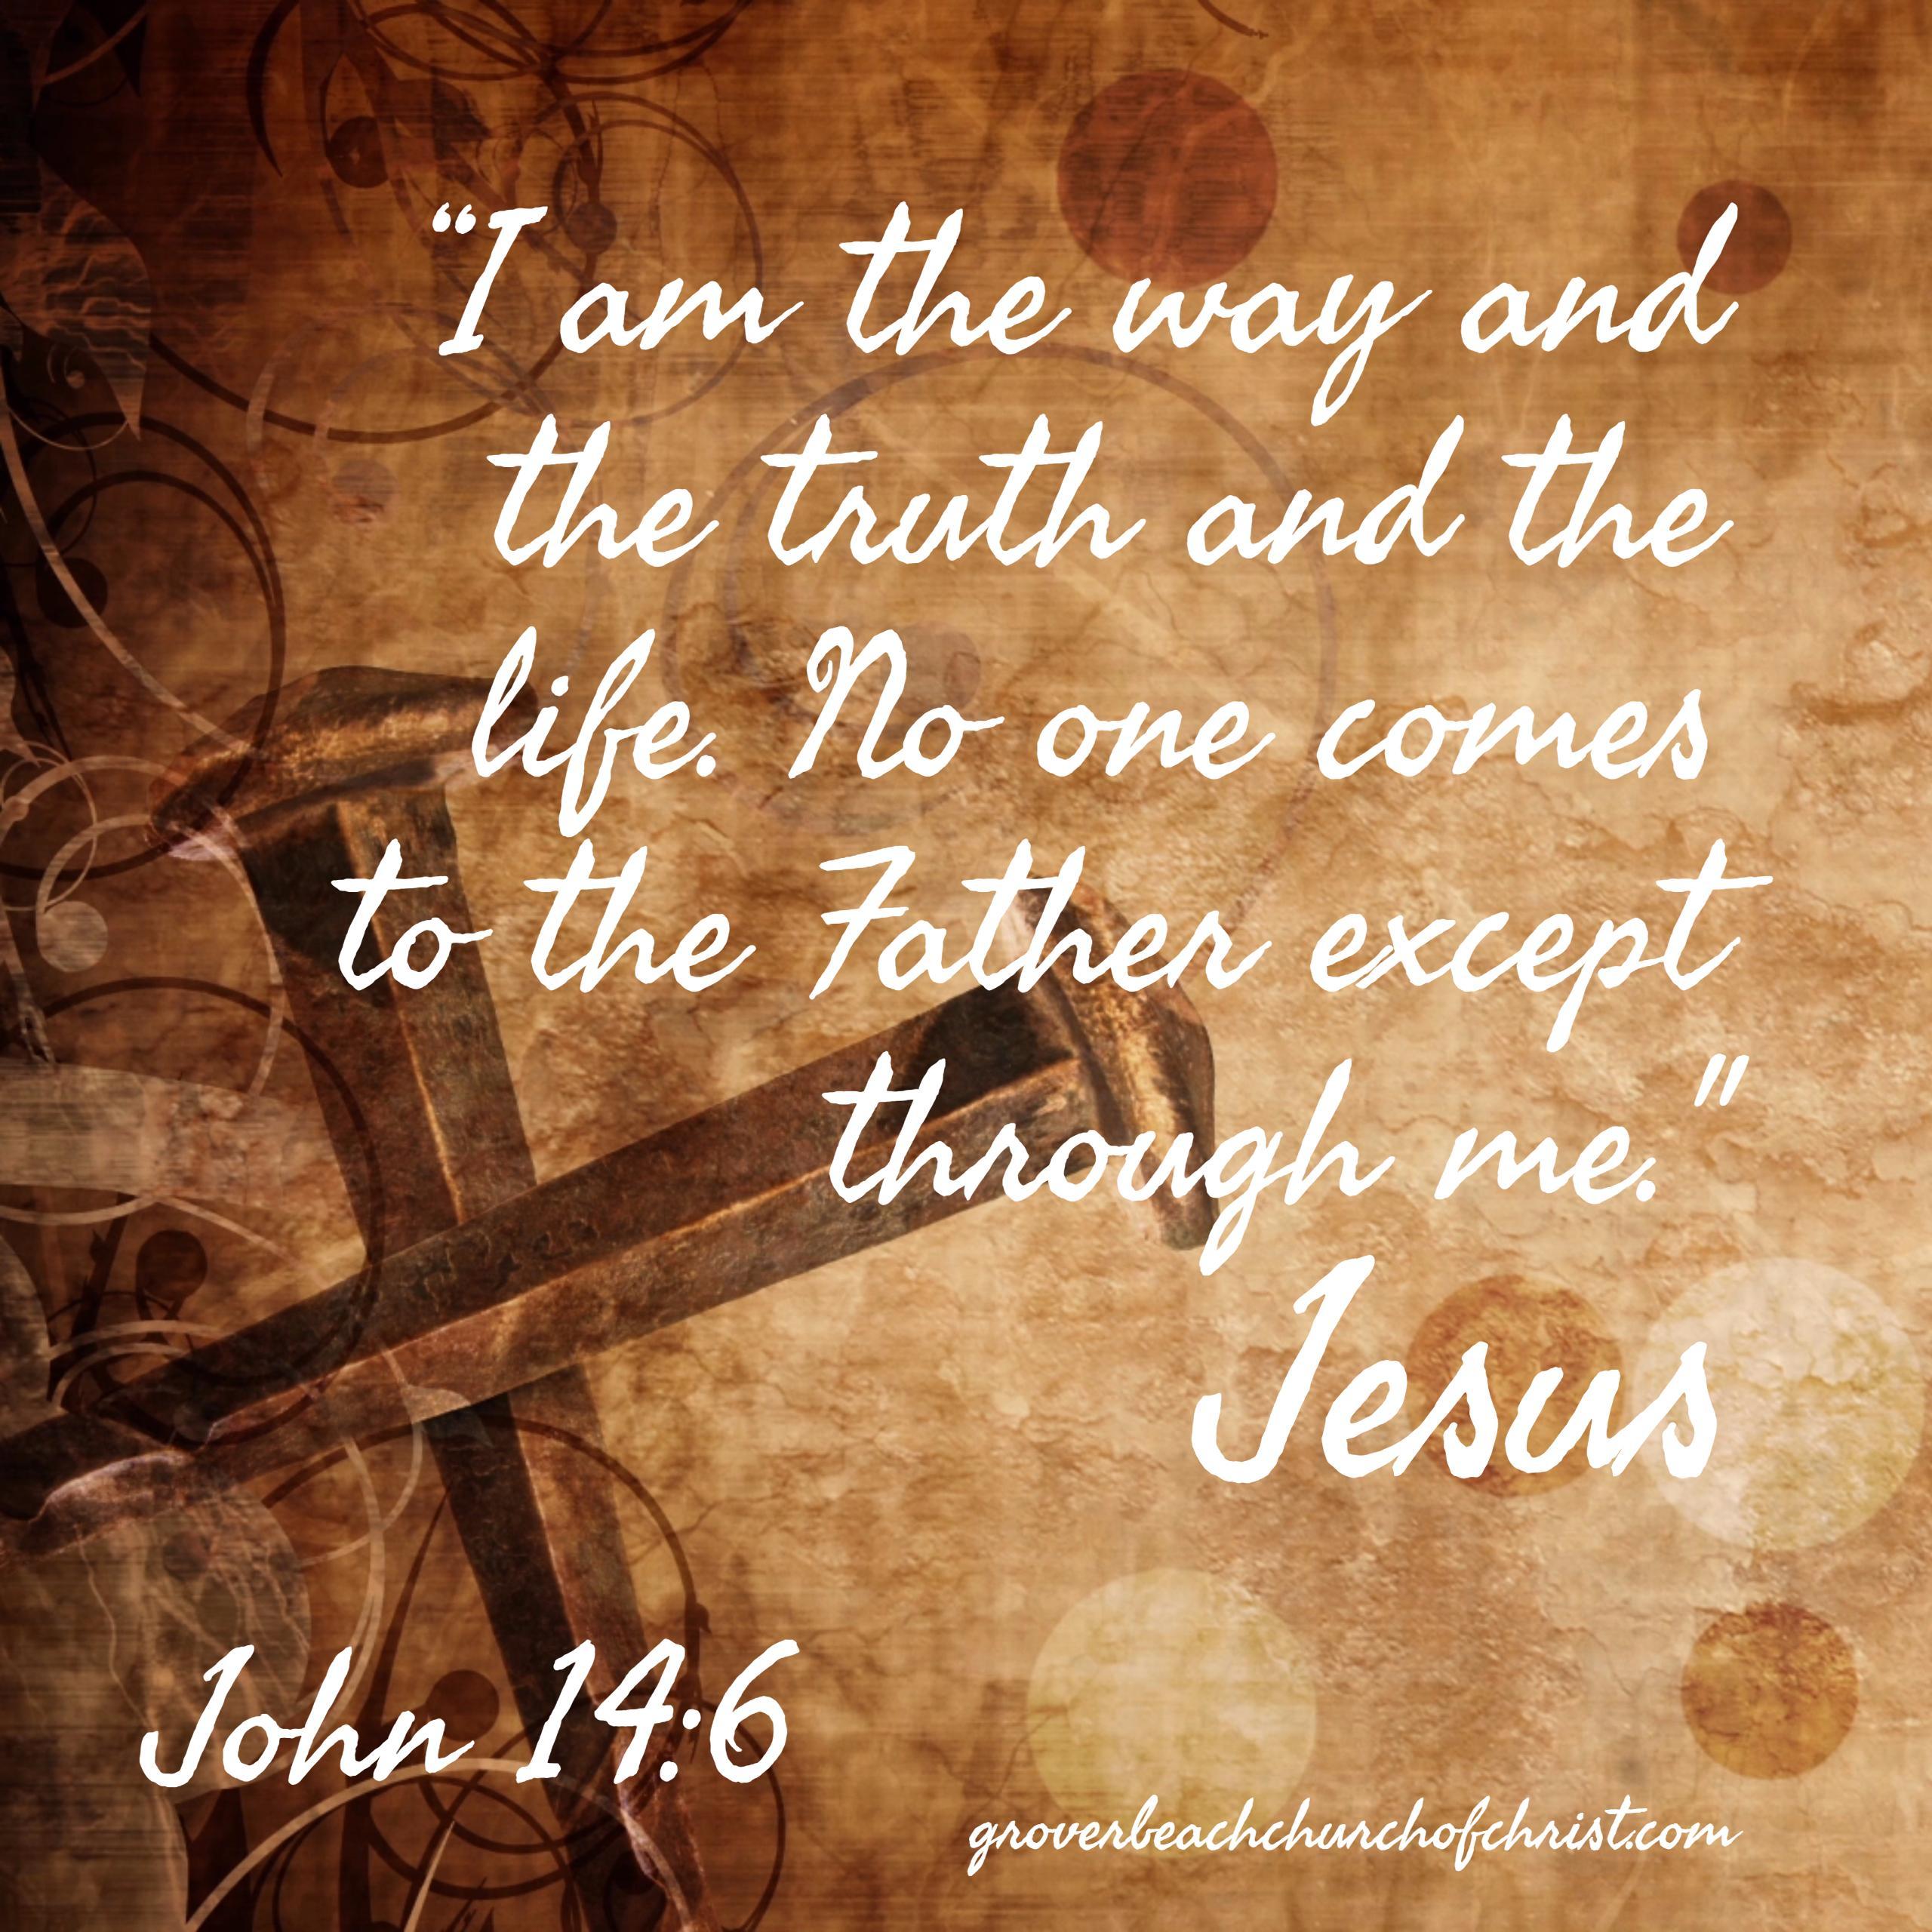 John 14:6 I am the way the truth